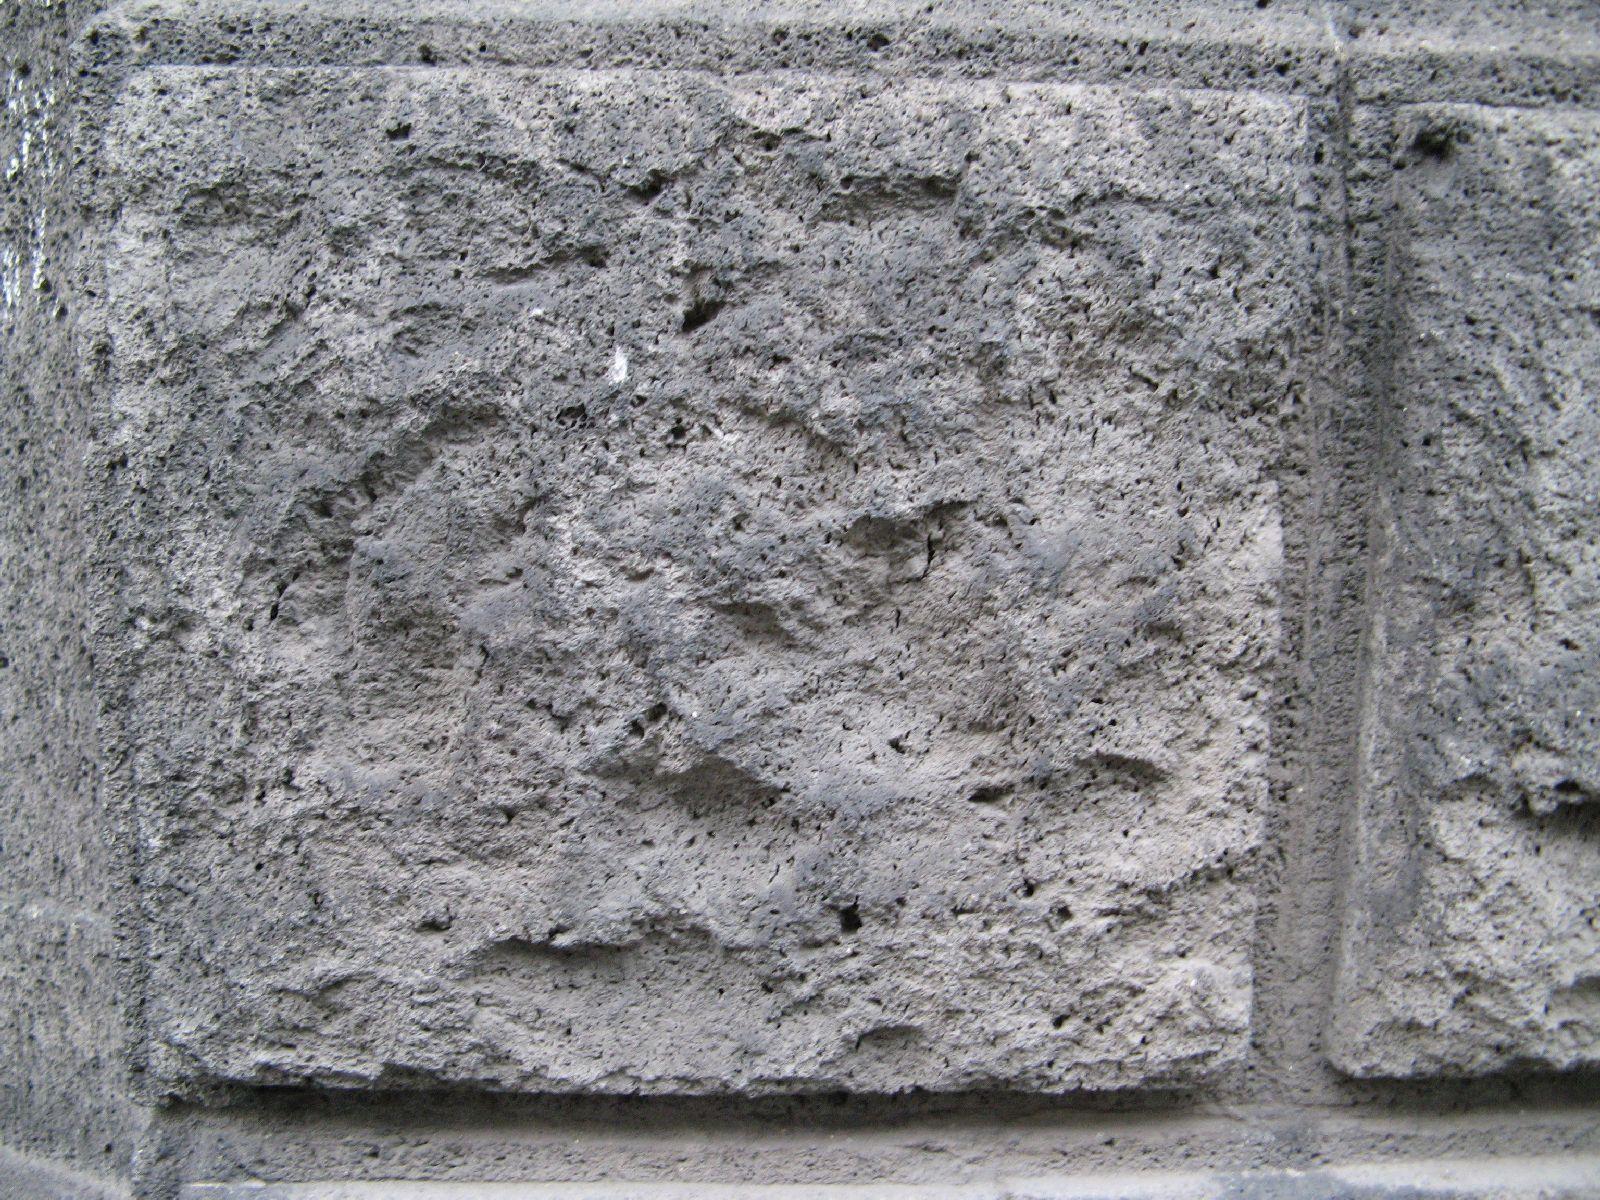 Boden-Gehweg-Strasse-Buergersteig-Textur_B_0825